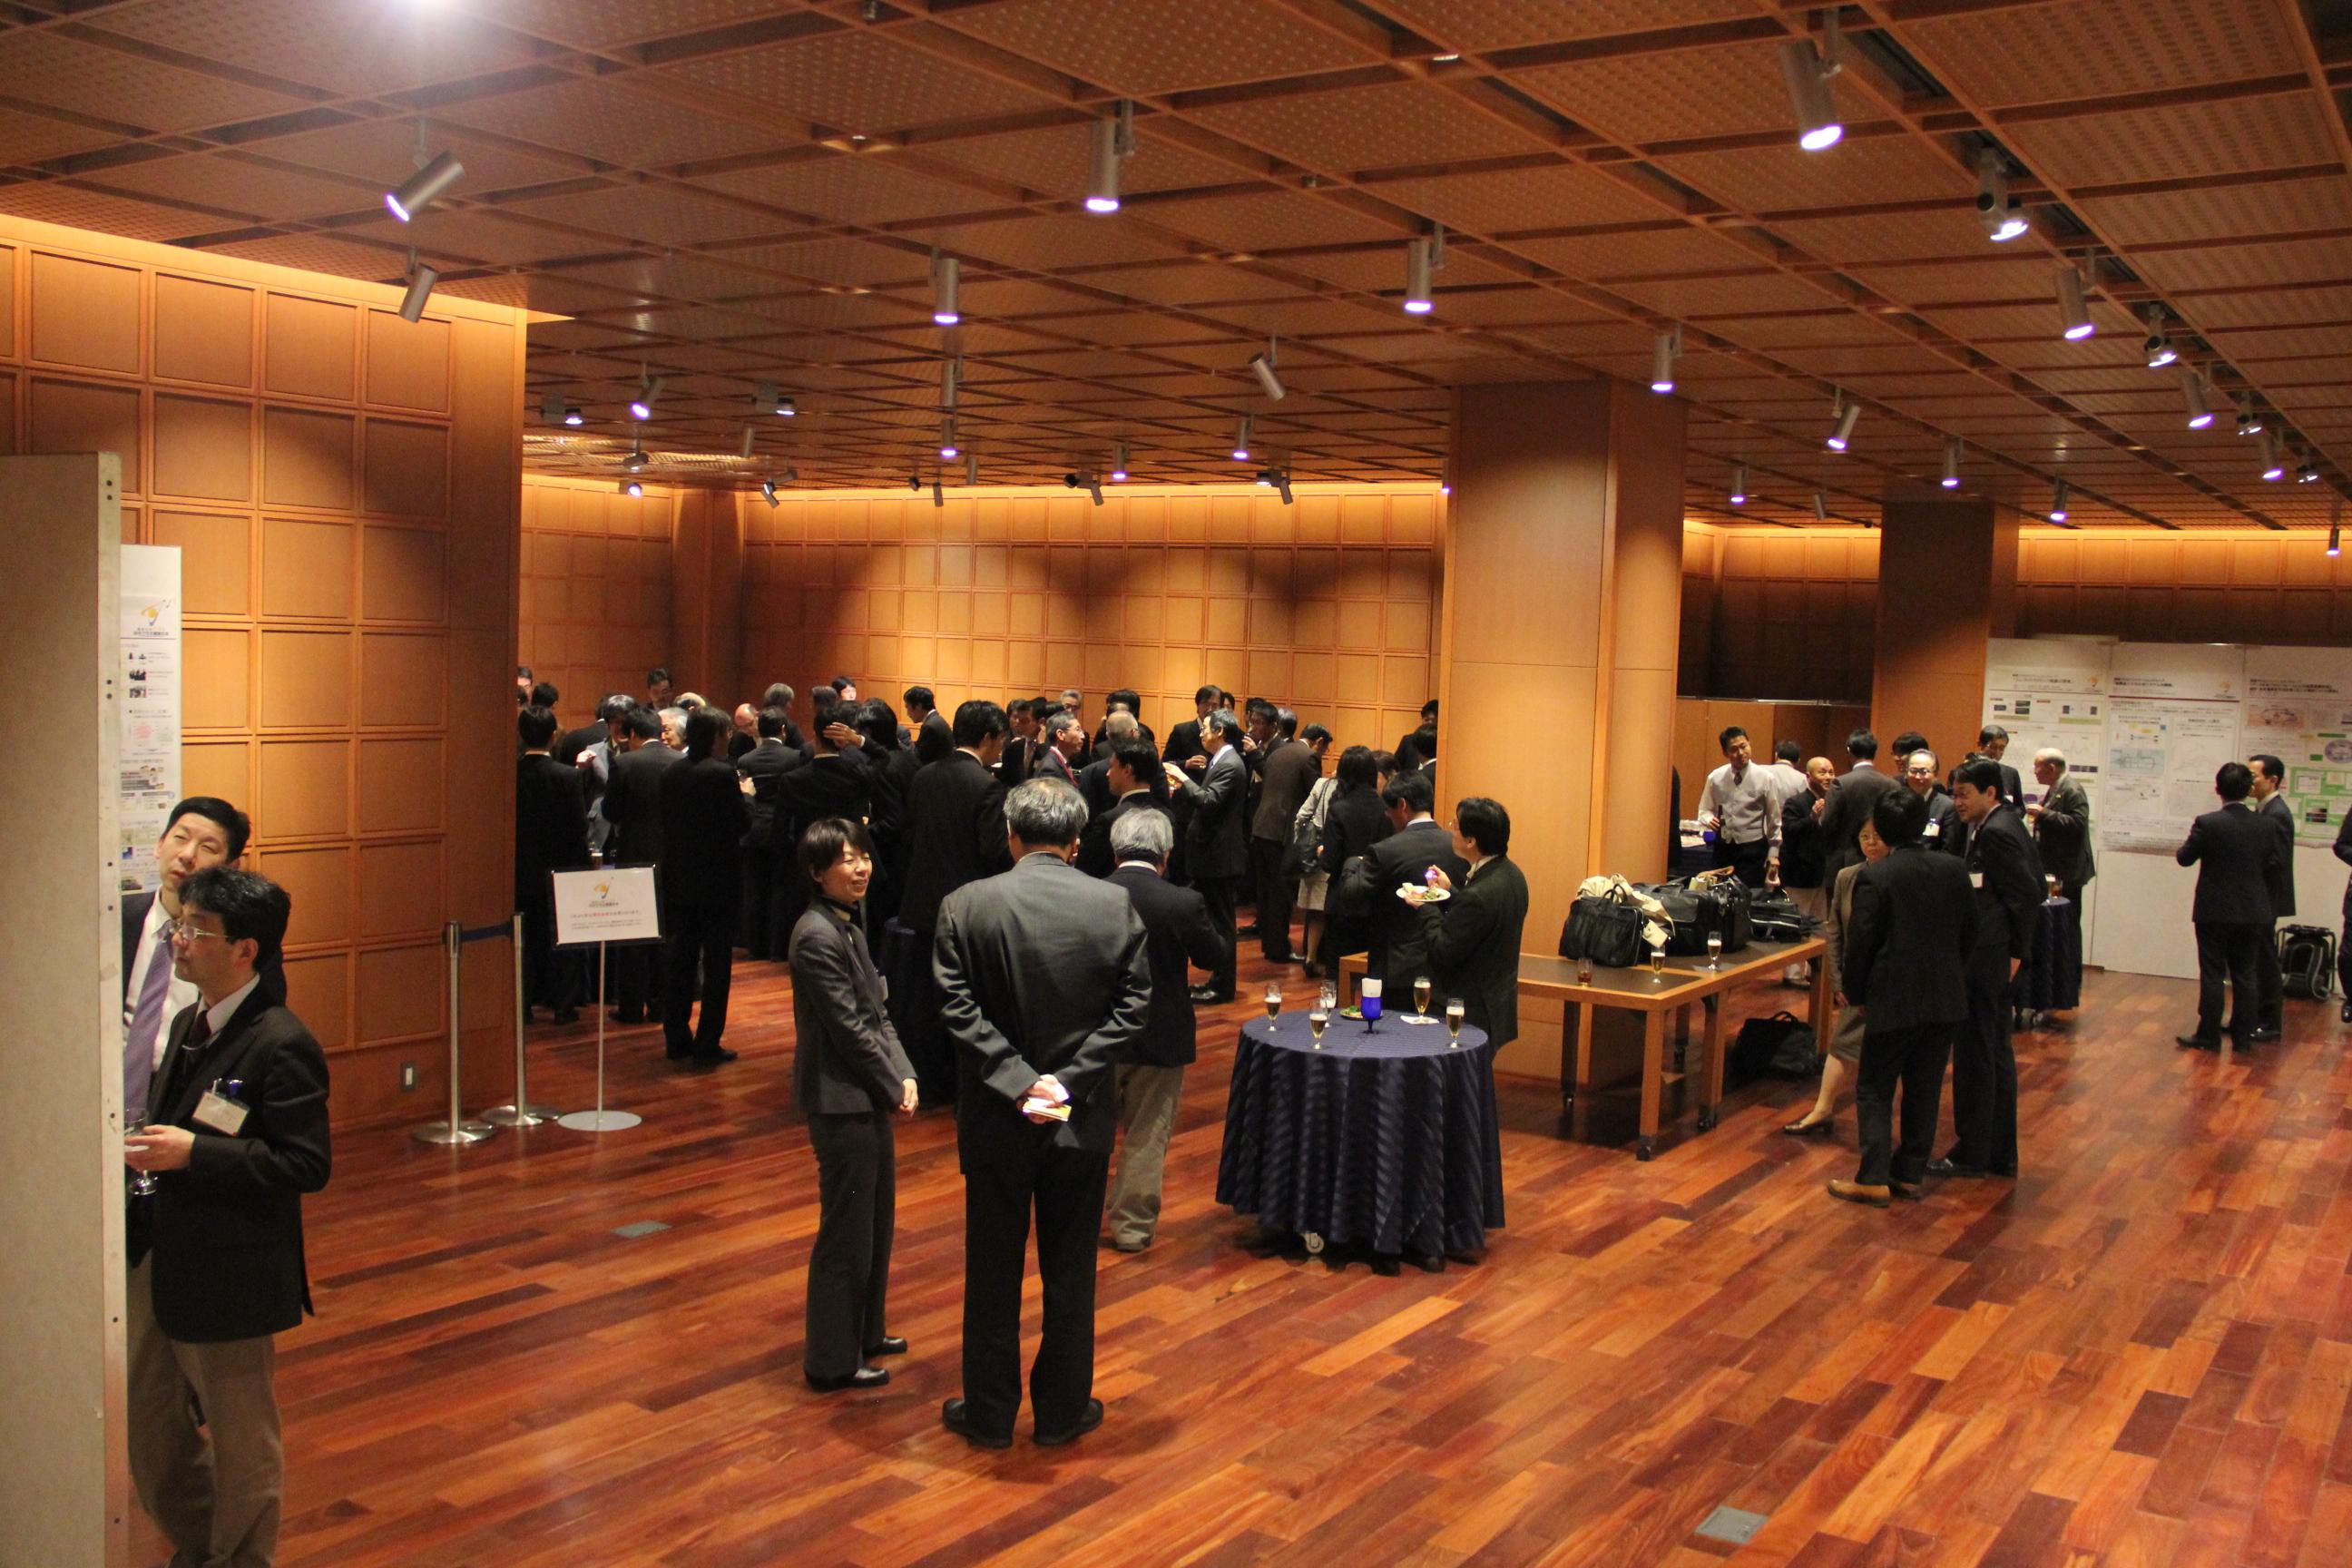 第2回COIシンポジウム「自分で守る健康社会」を3月12日に開催しました。